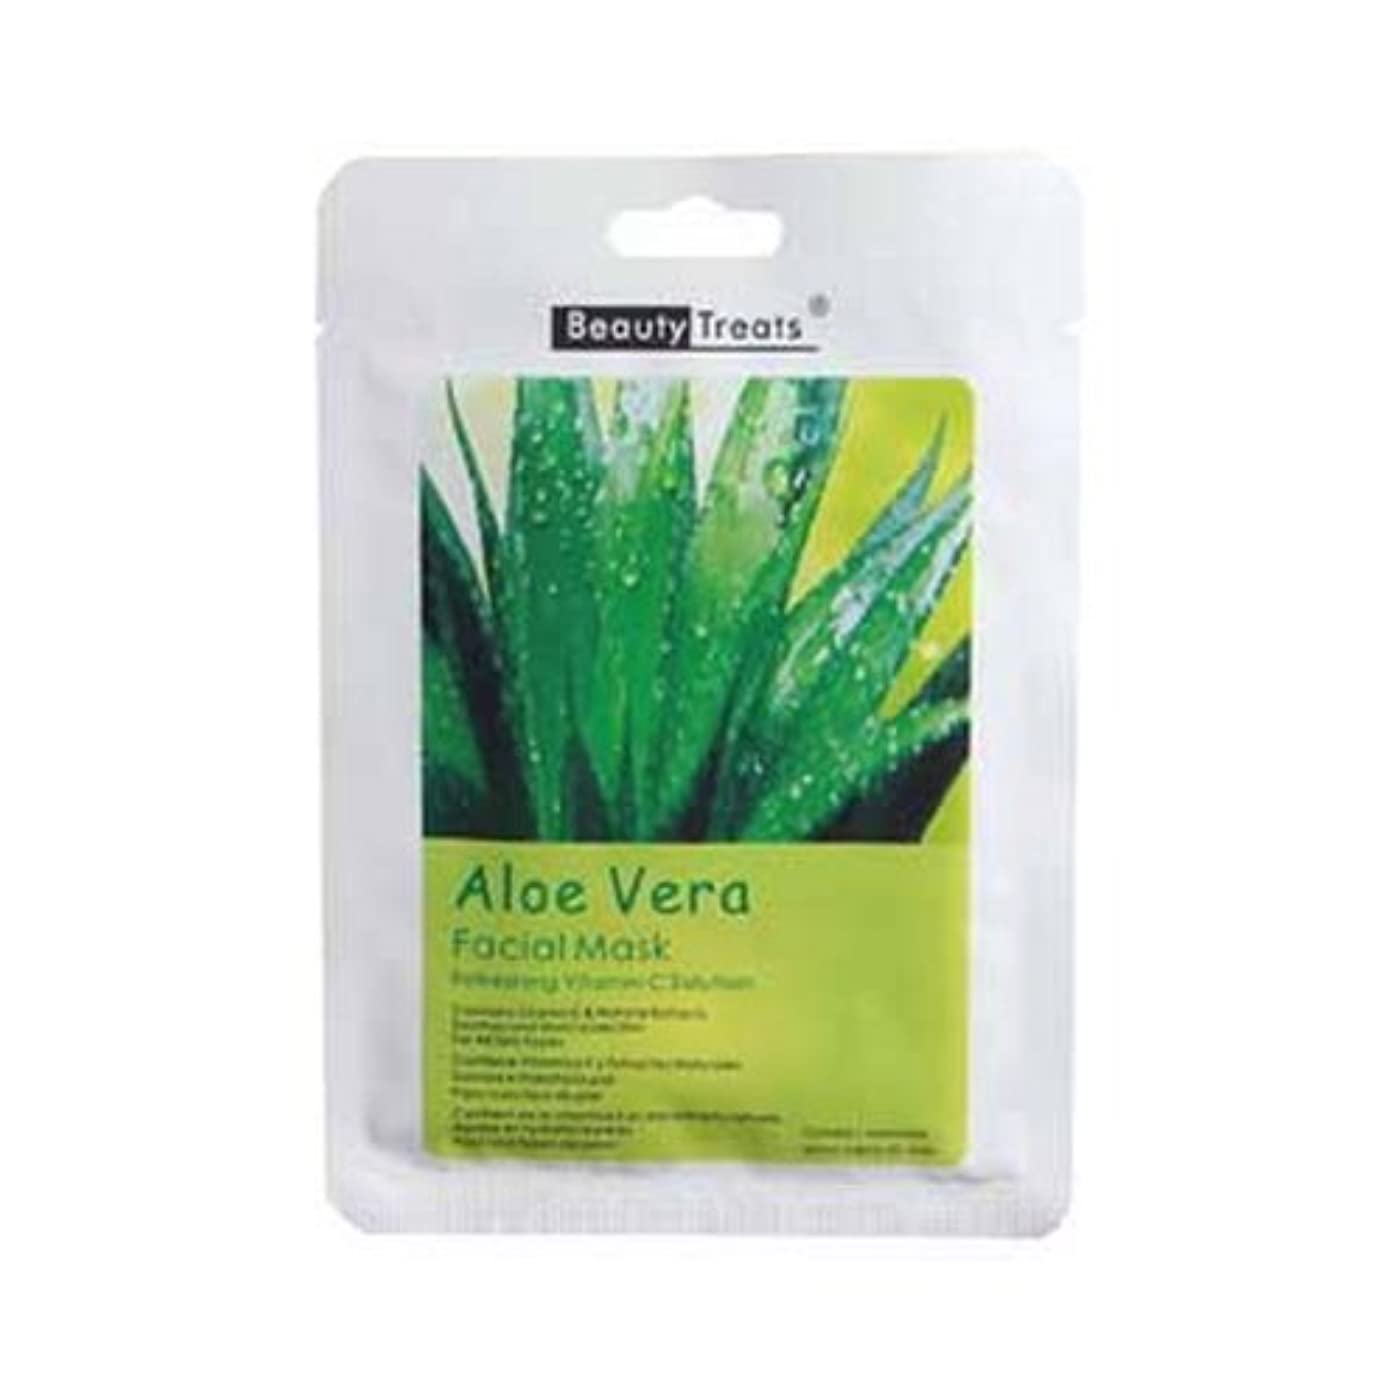 ゲート離れたやる(3 Pack) BEAUTY TREATS Facial Mask Refreshing Vitamin C Solution - Aloe Vera (並行輸入品)